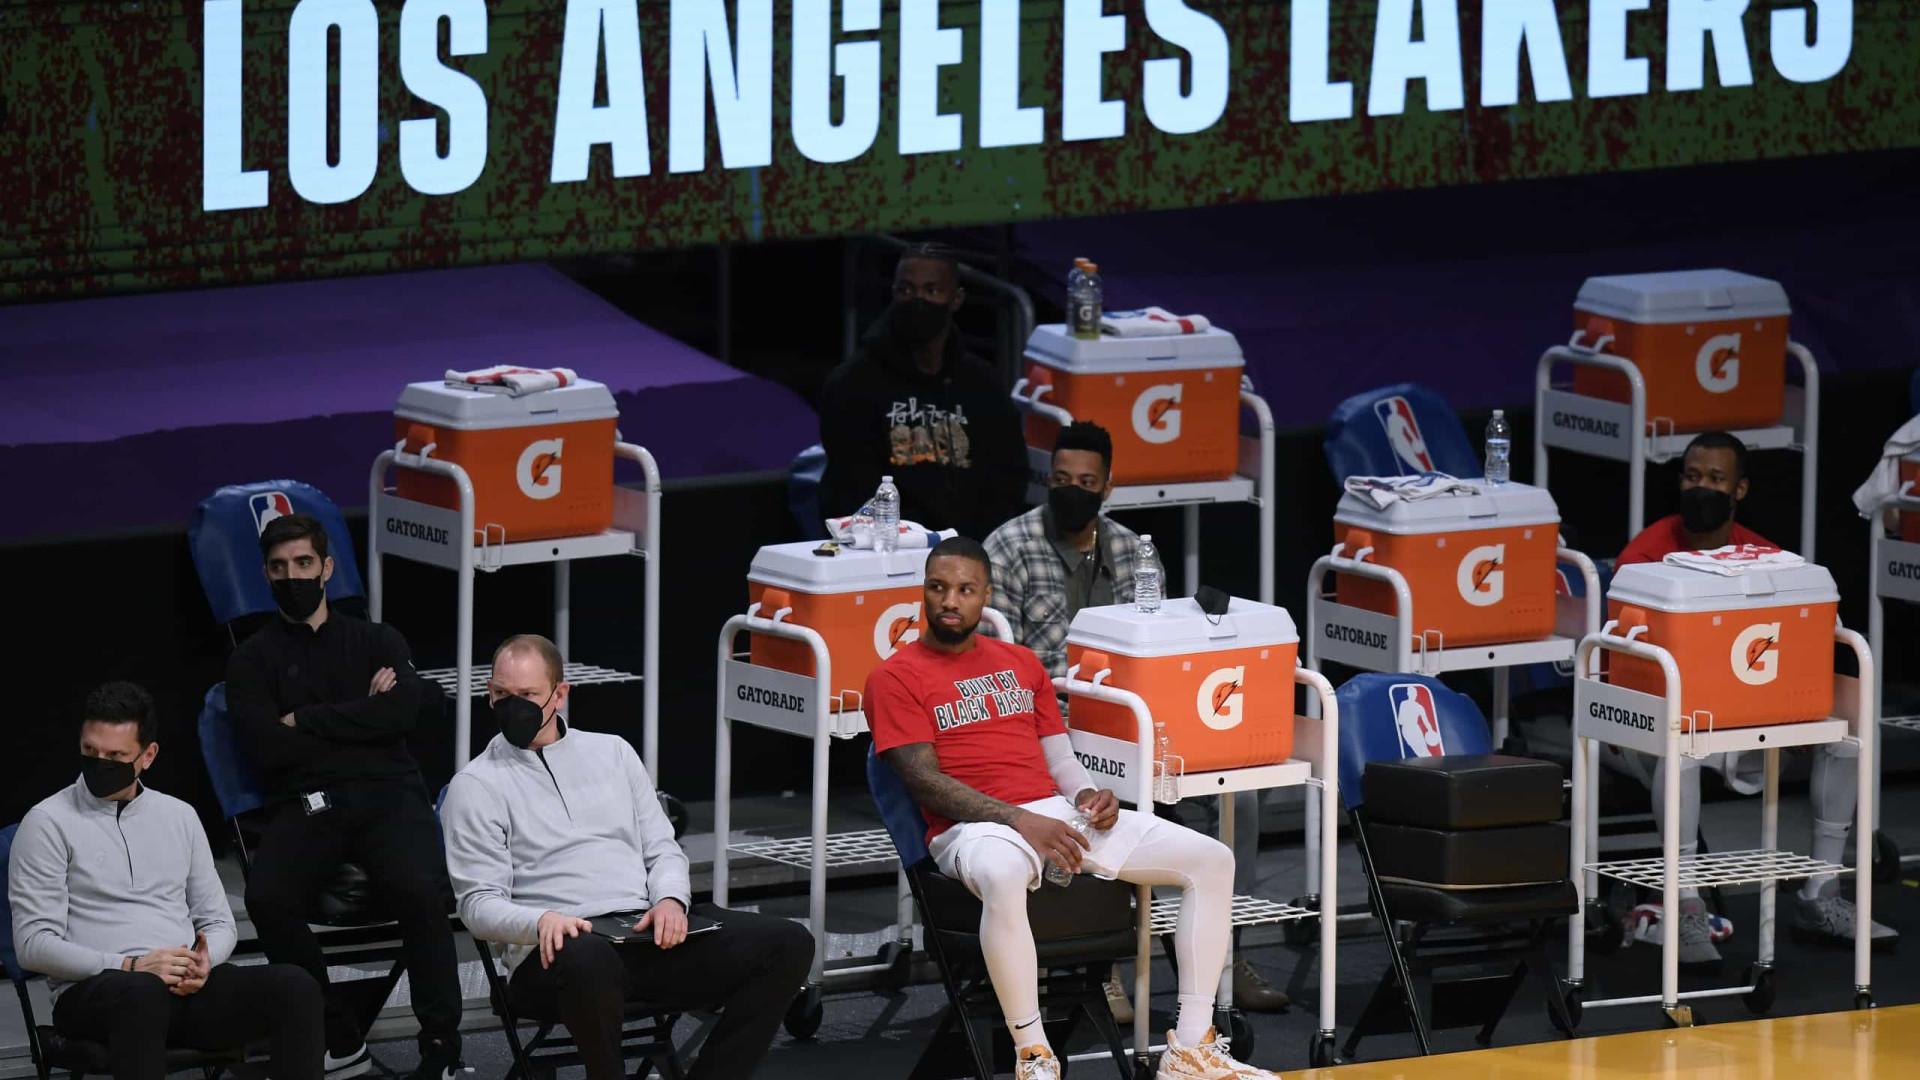 Lakers vencem Nuggets em boa atuação de Davis e encerram sequência de derrotas